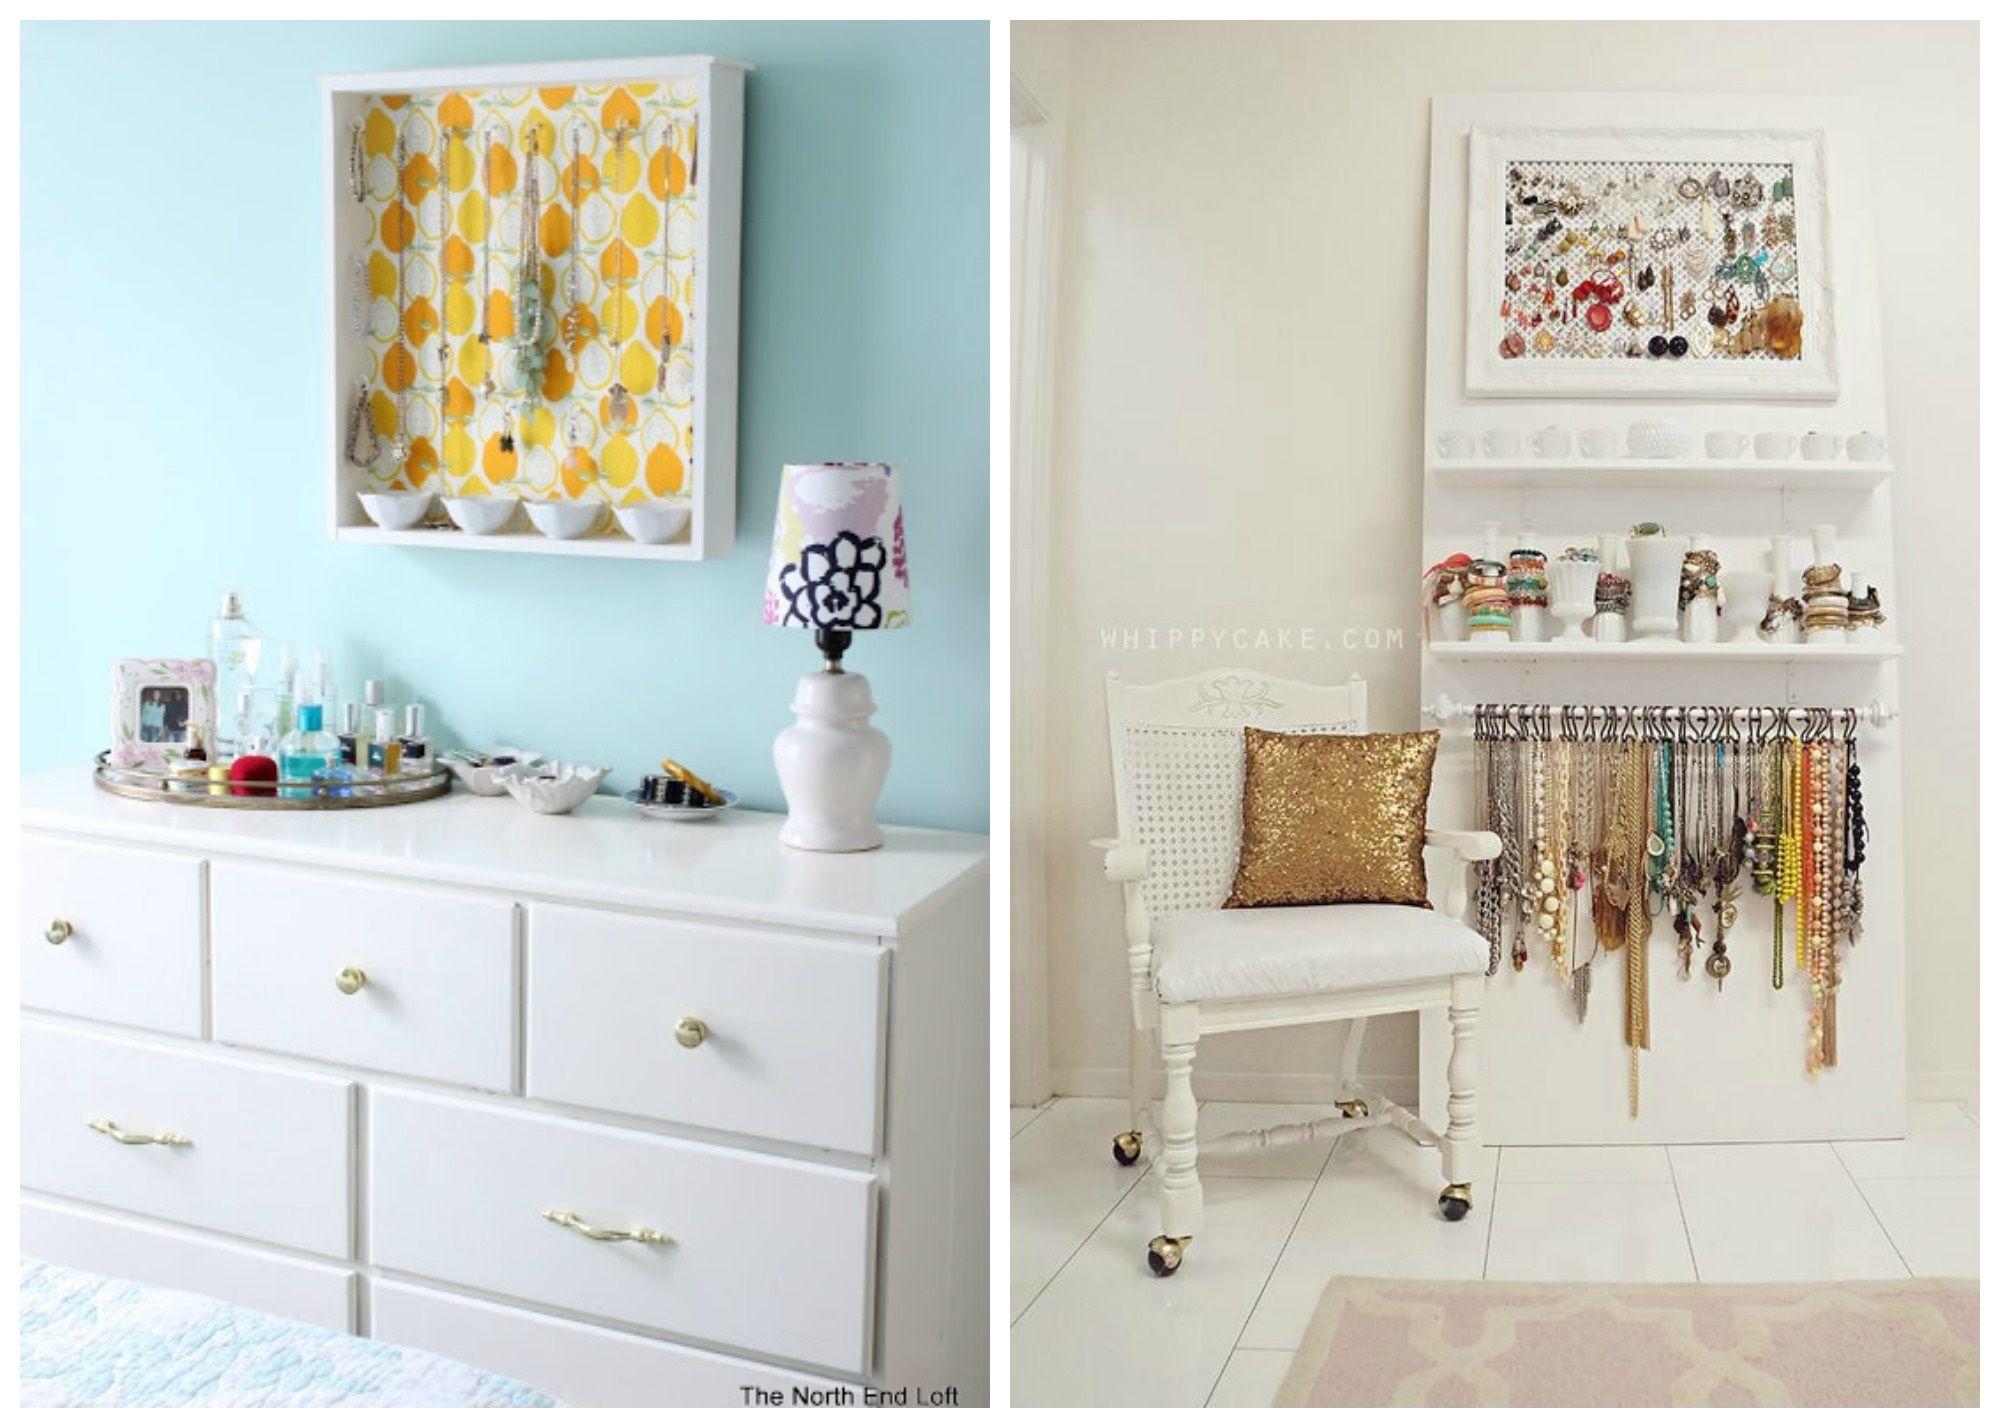 Home Hacks 19 Tips To Organize Your Bedroom Coupons Com Bedroom Organization Diy Organization Bedroom Bedroom Diy